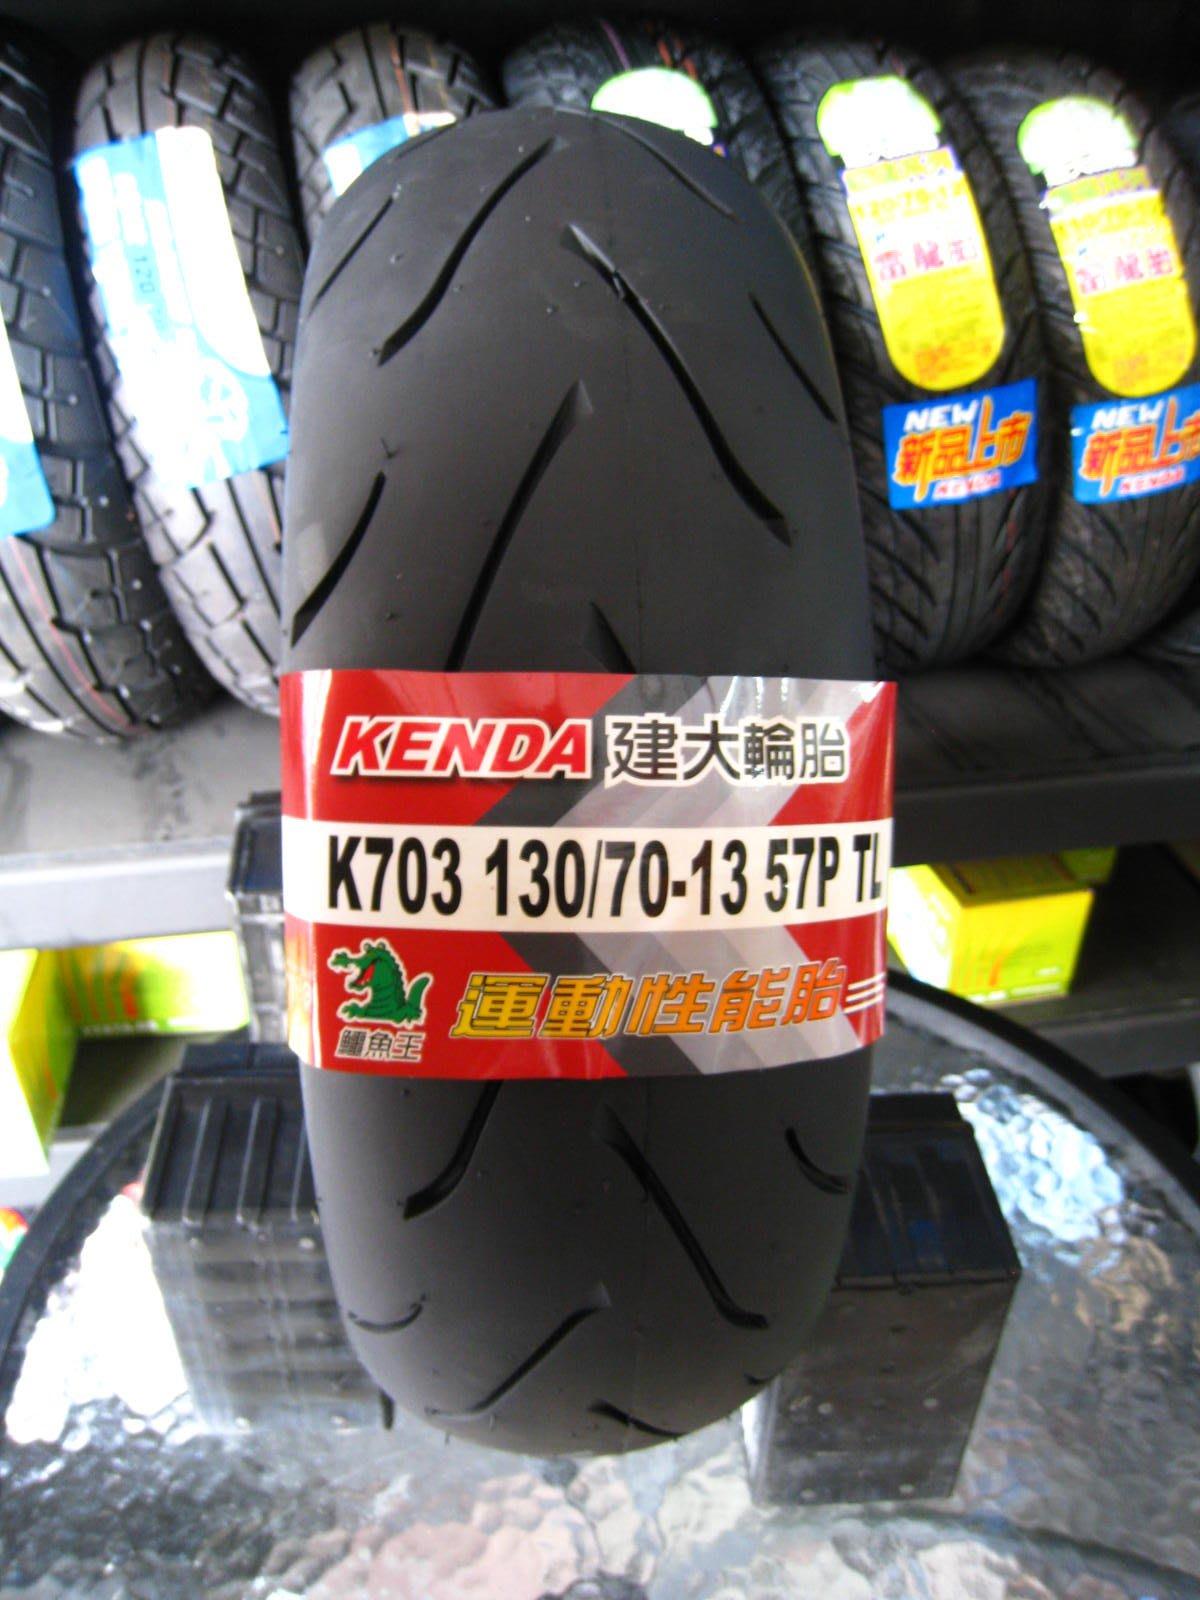 [彰化-員林] SMAX 155 ~ FORCE 155 輪胎 原廠皮帶 清洗傳動 零件 大保養 清洗噴油嘴 清洗節流閥